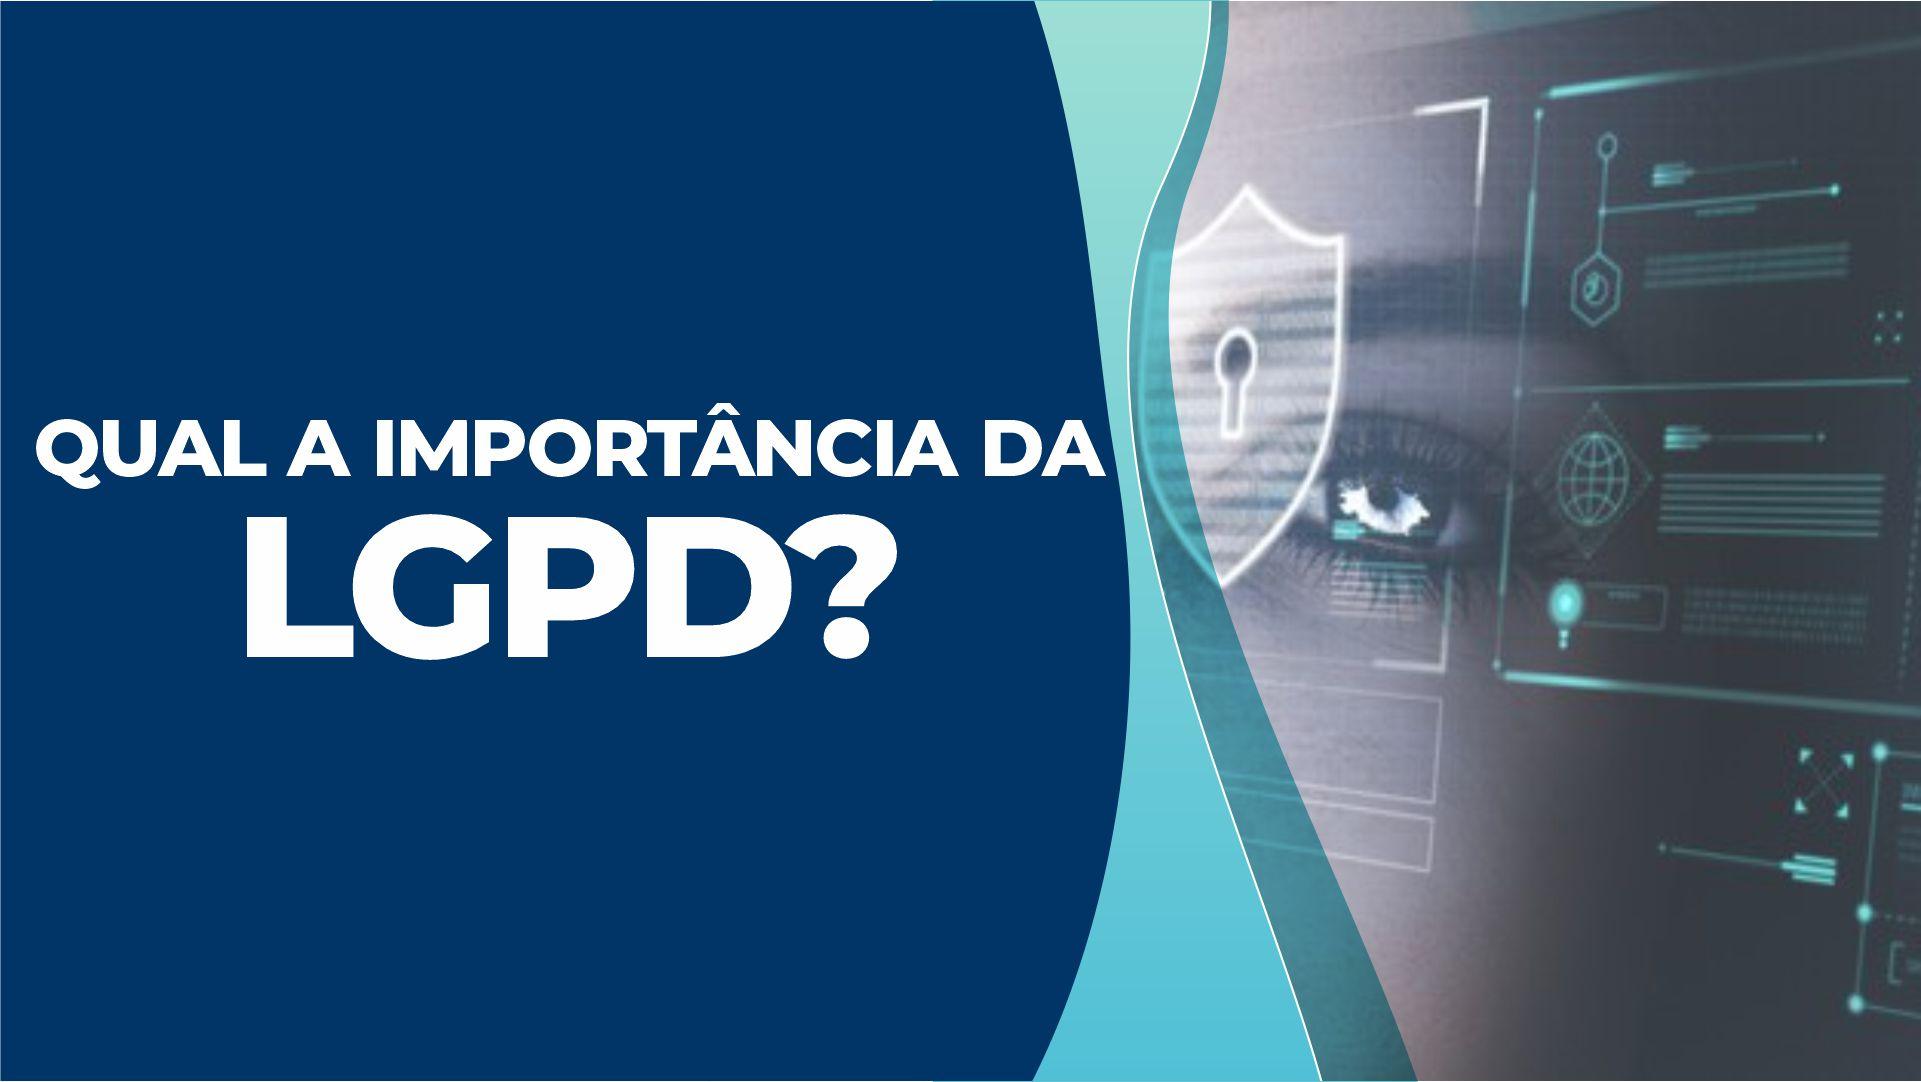 LGPD: Por que ela é tão importante nos dias de hoje?